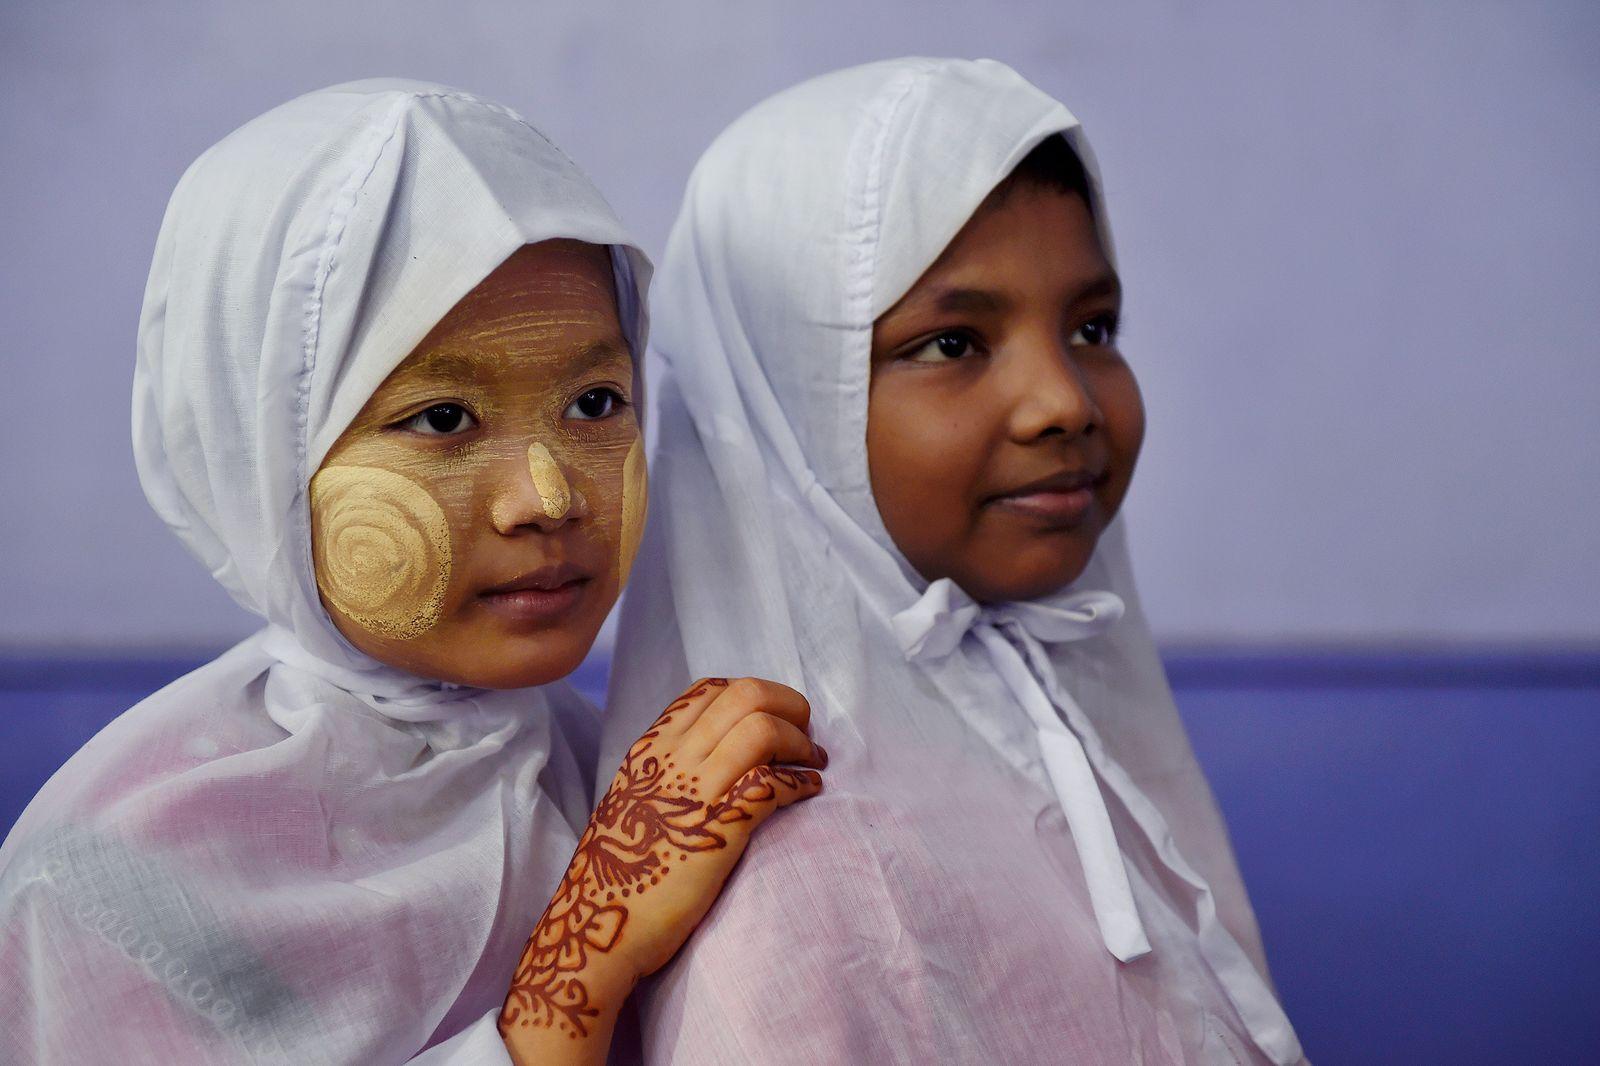 1 000 façons de célébrer la fin du ramadan à travers le monde